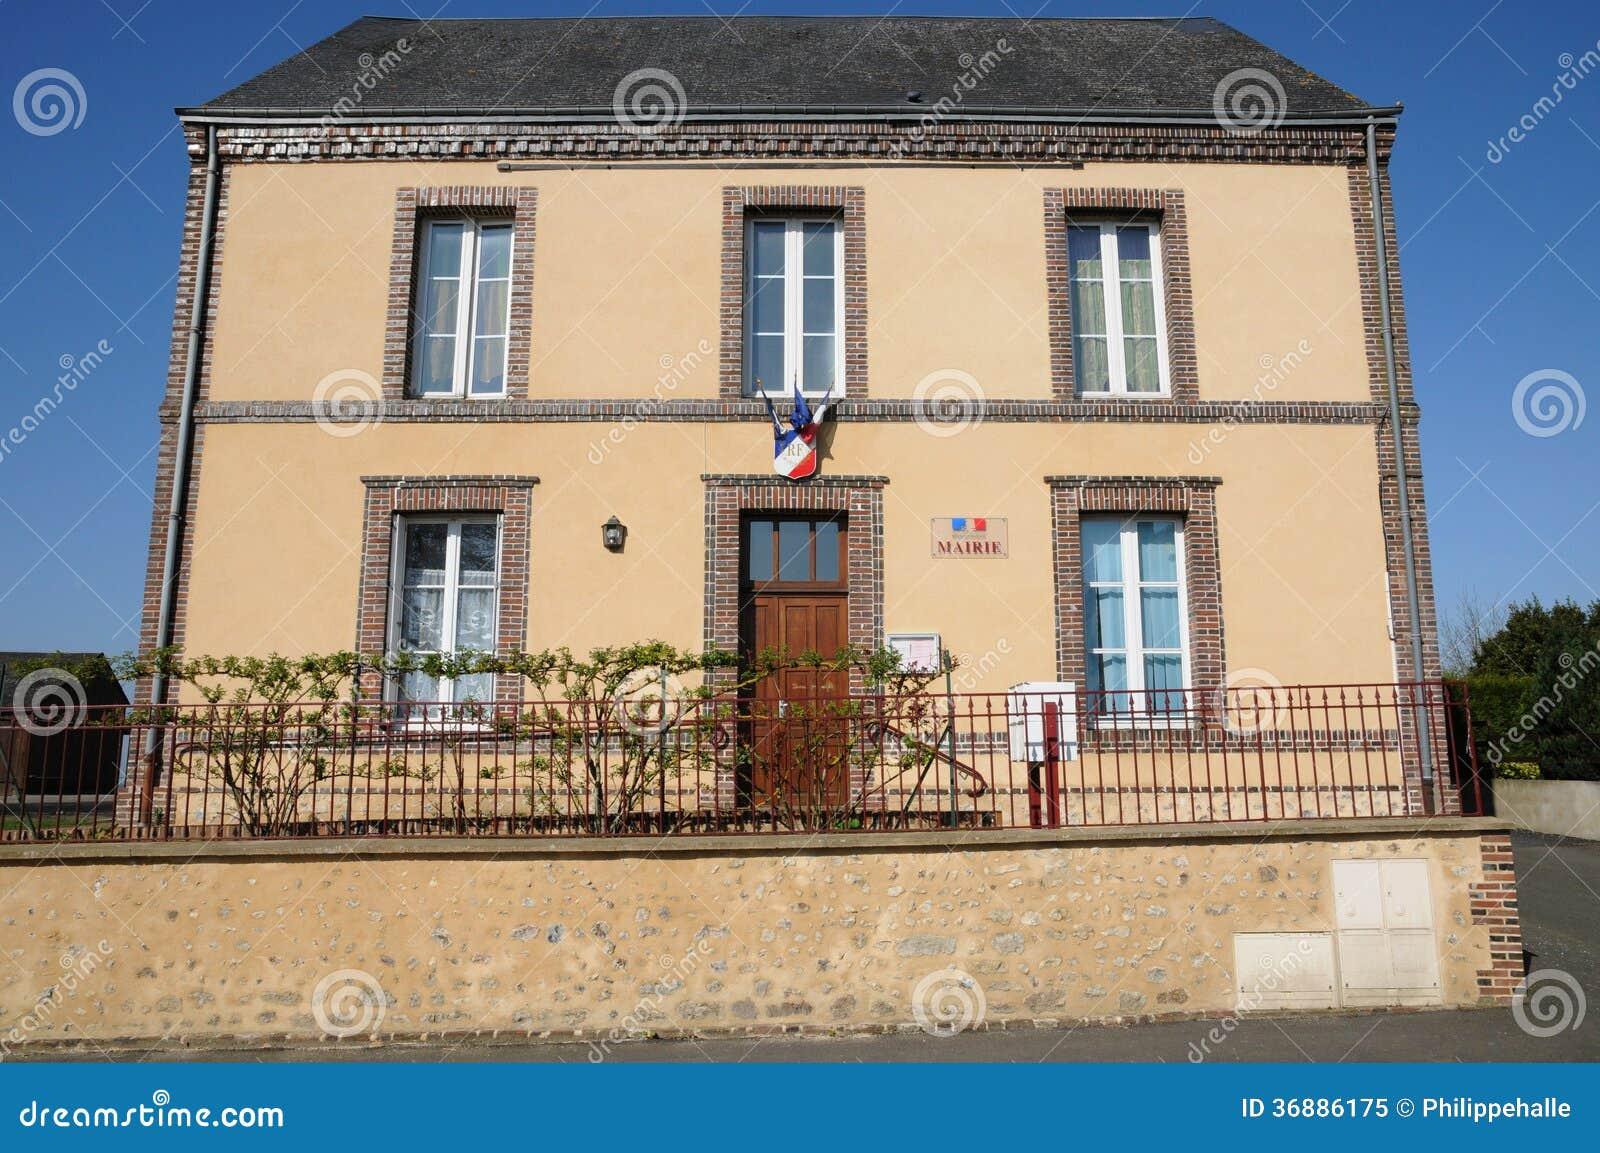 Download La Francia, Villaggio Pittoresco Di Lignerolles Immagine Stock - Immagine di picturesque, touristy: 36886175